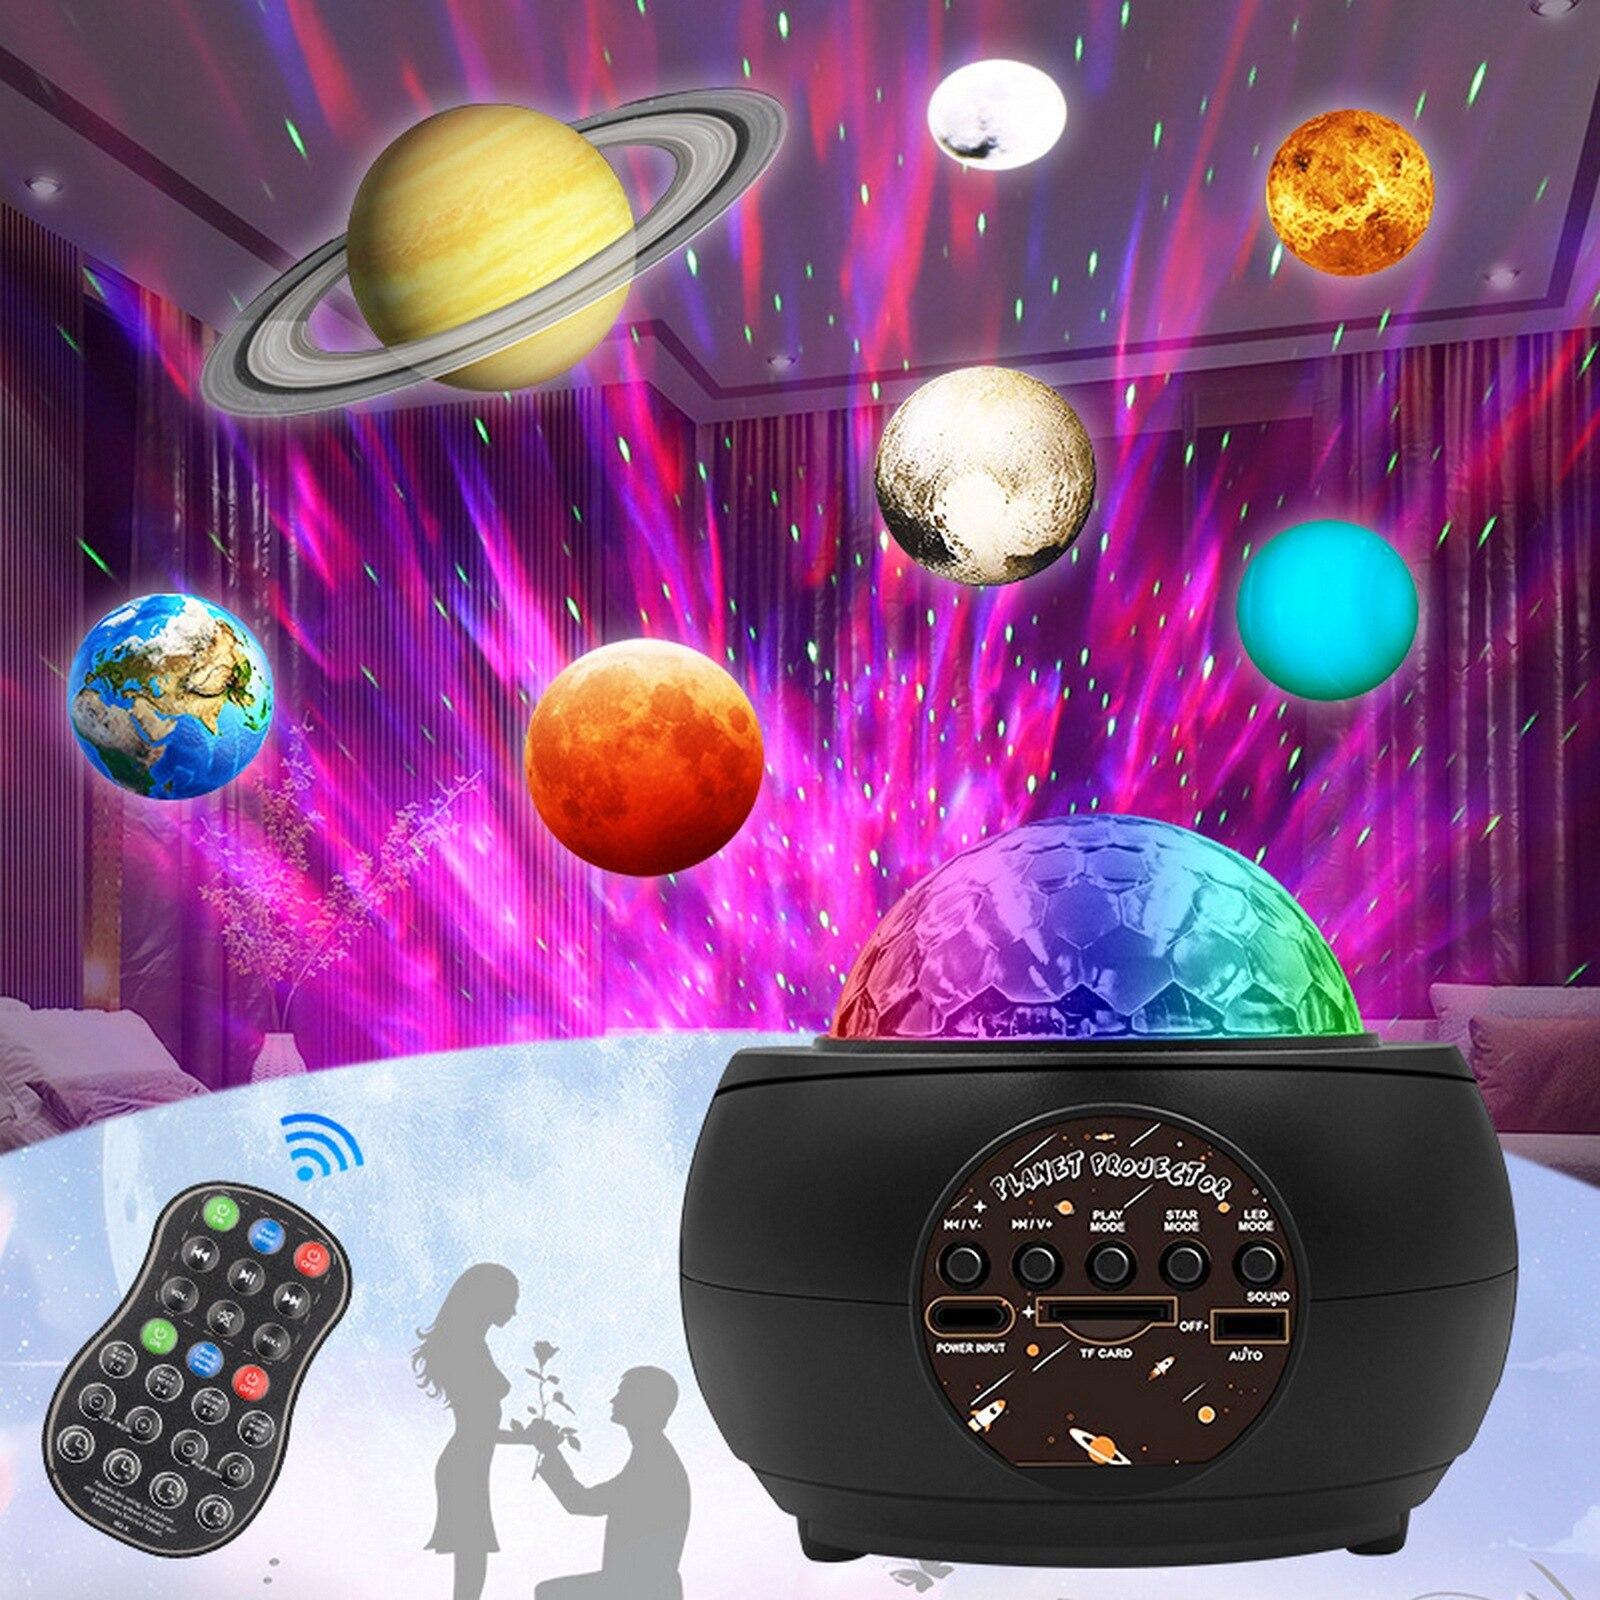 LED غالاكسي النجوم ضوء العارض كوكب المحيط موجة ليلة ضوء كوة بلوتوث مشغل موسيقى لغرفة النوم الديكور الاطفال هدية